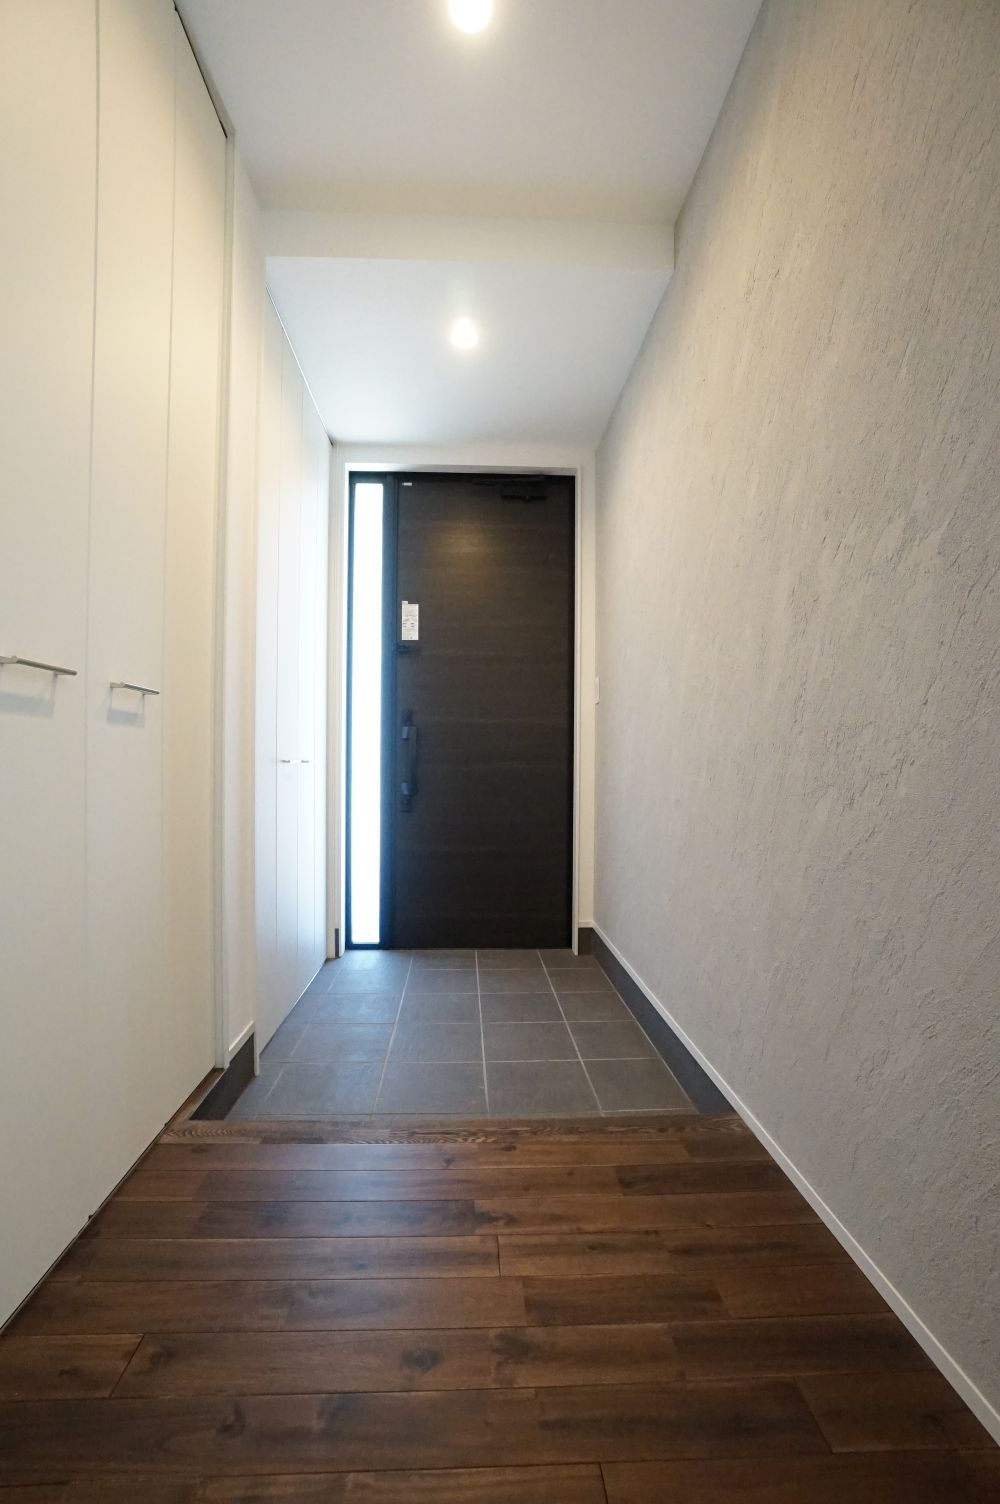 RIKYU (リキュー)【間取り、建築家、インテリア】シンプルですっきりとまとめた玄関ホール。収納力も十分で、いつもキレイに保つことができる